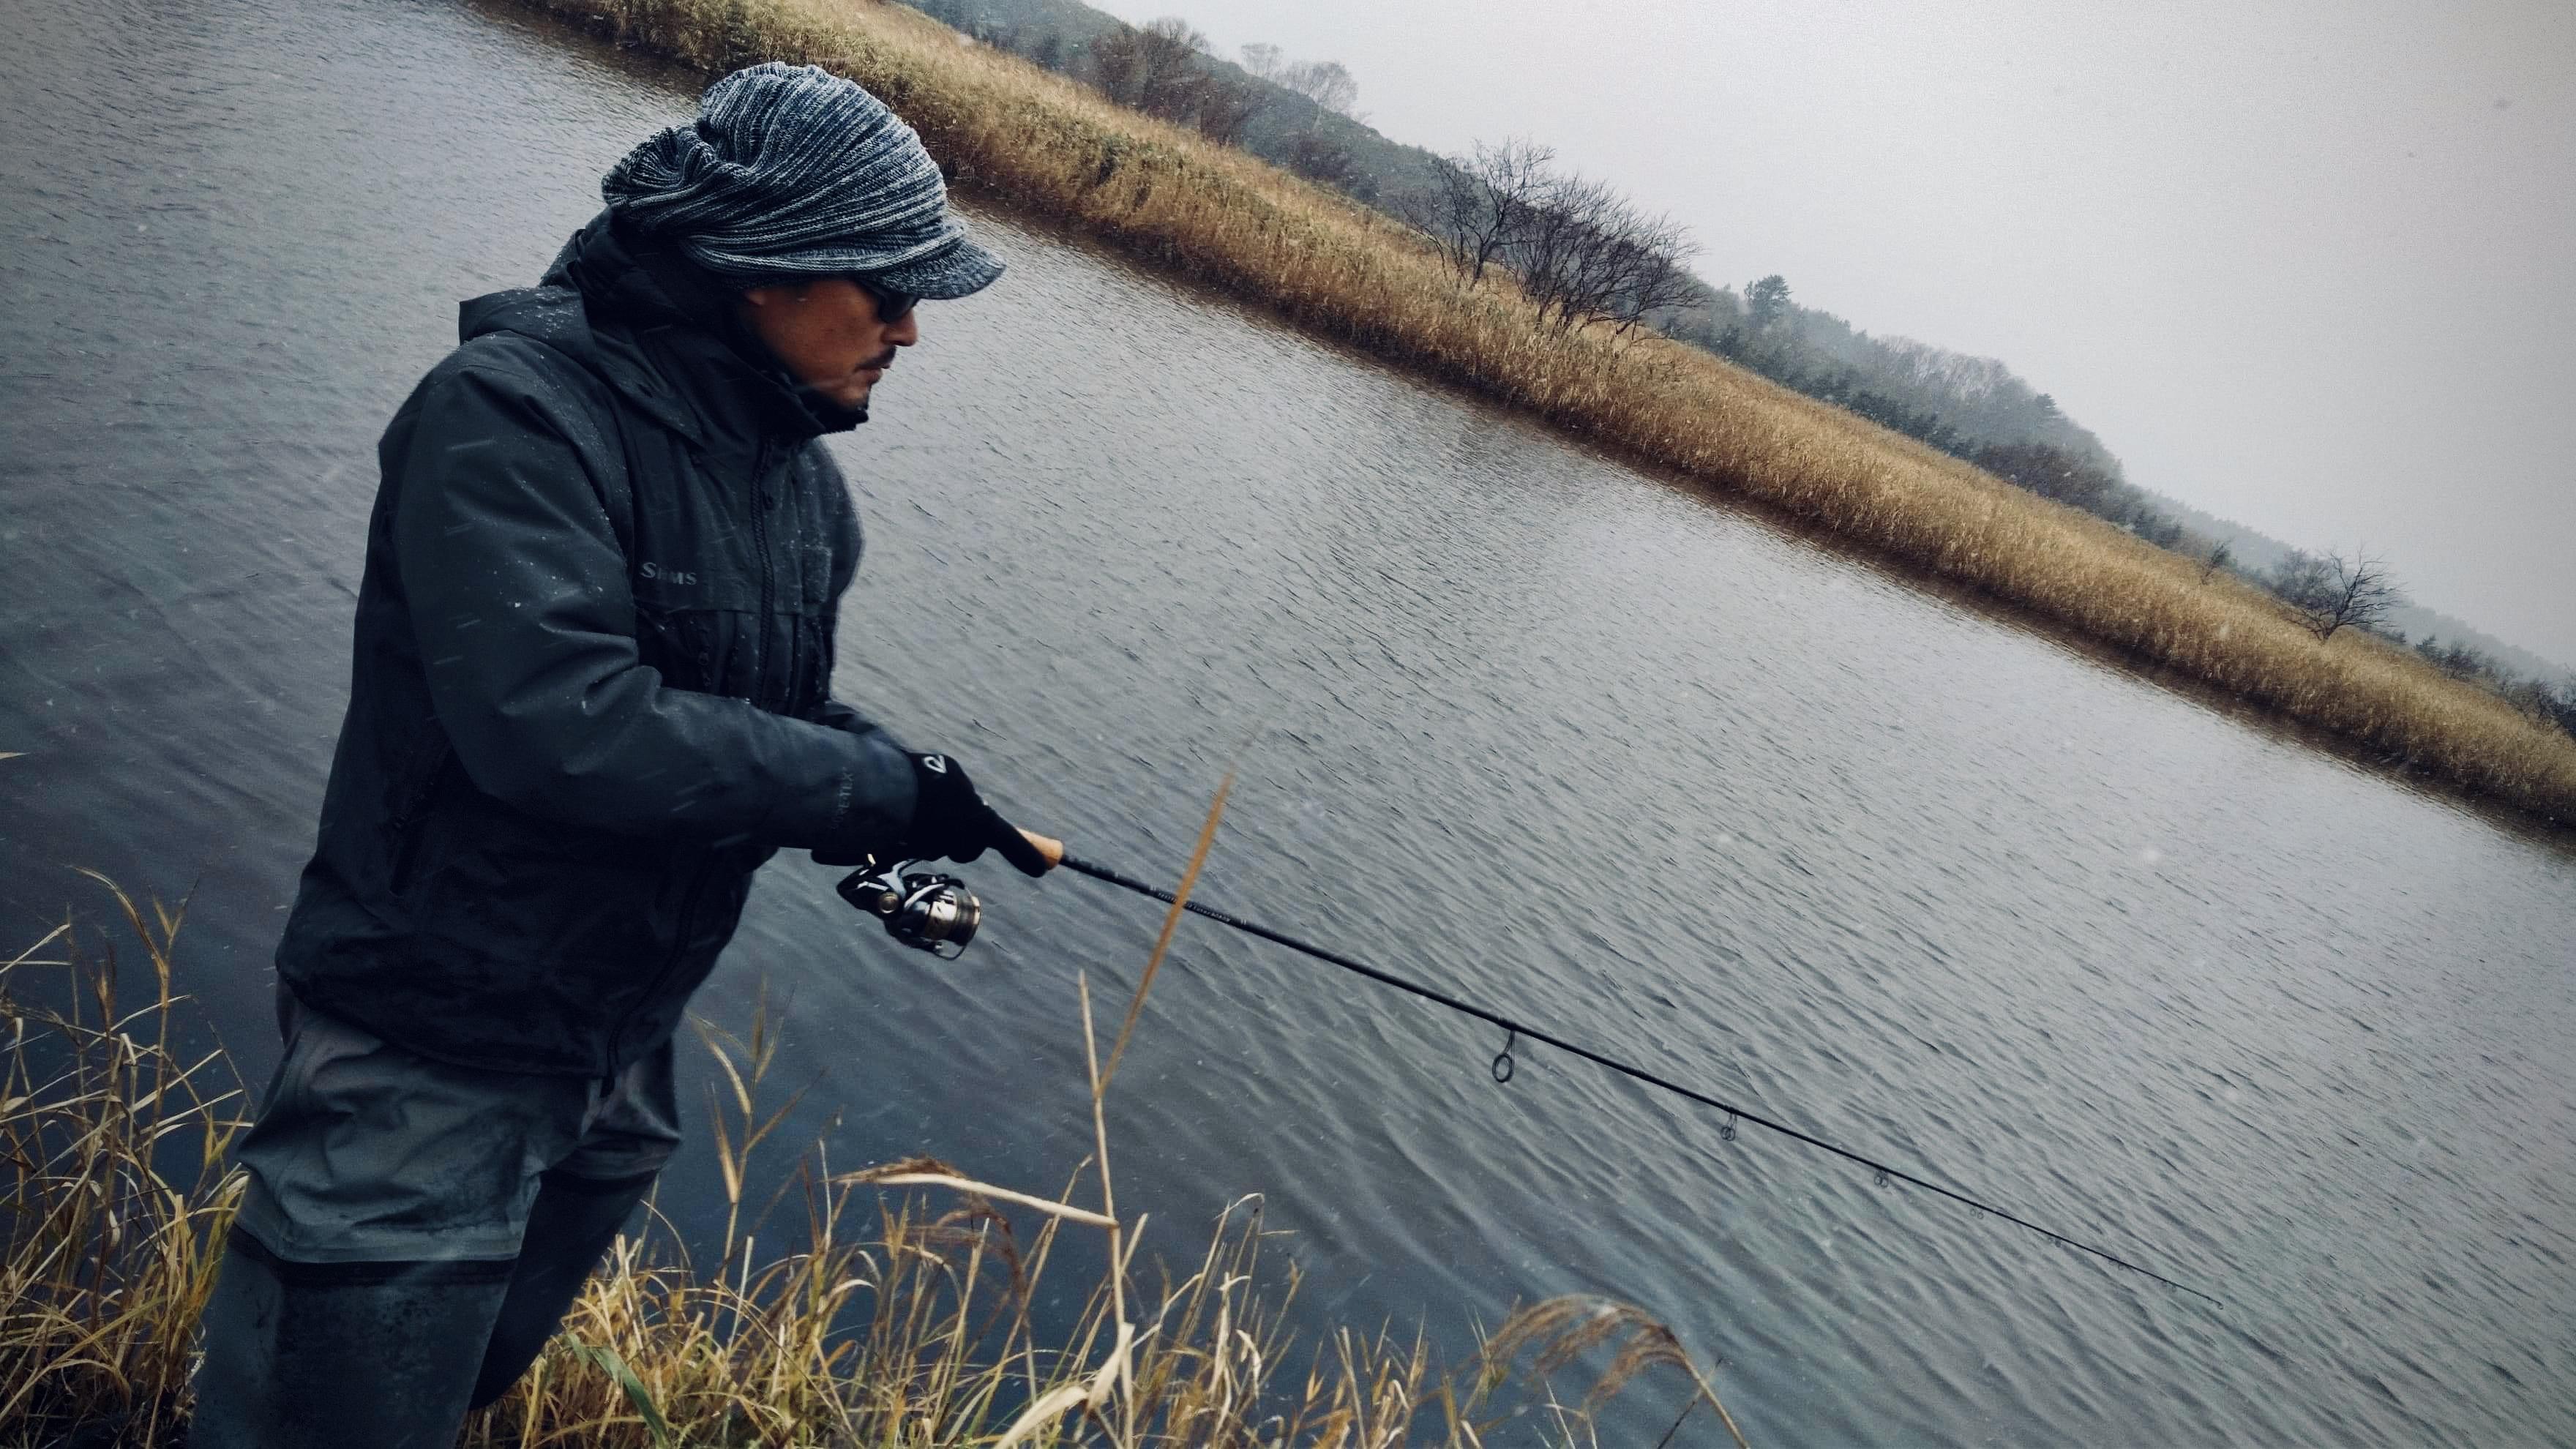 冷え込む猿払川のイトウ釣り